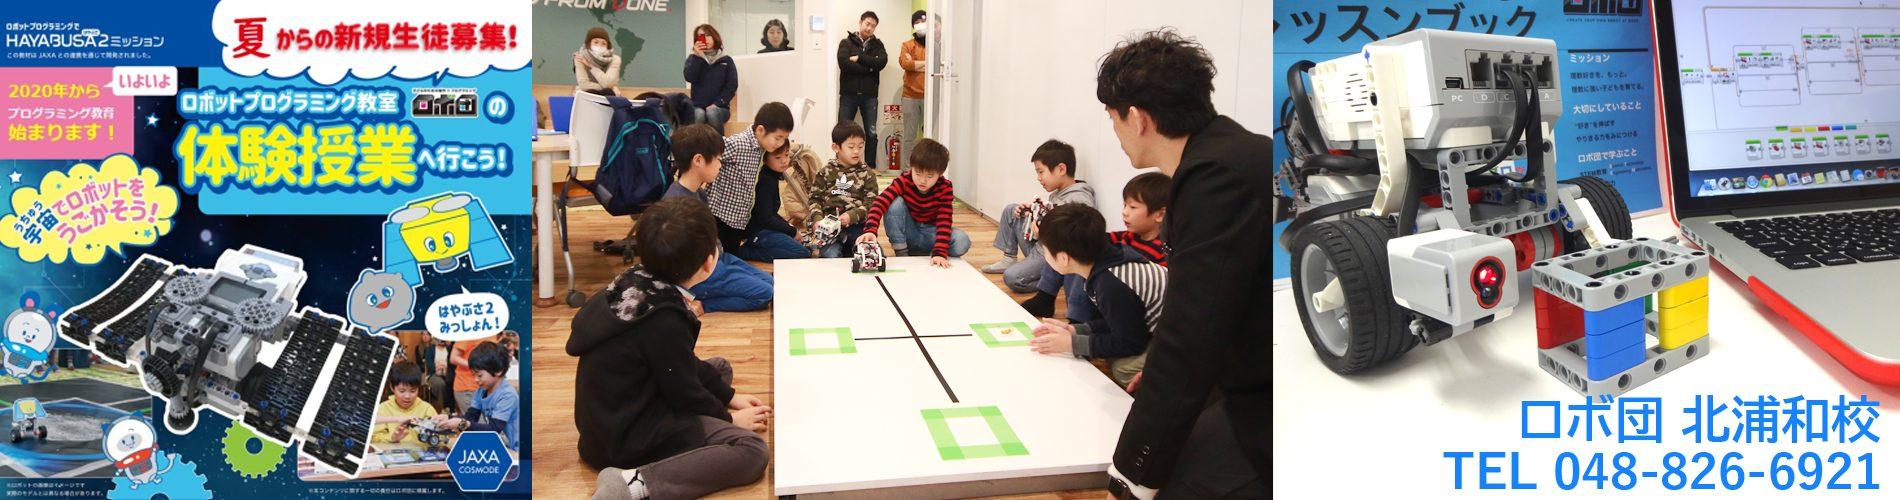 JAXAプログラミング教室体験会(さいたま市ロボ団北浦和校)